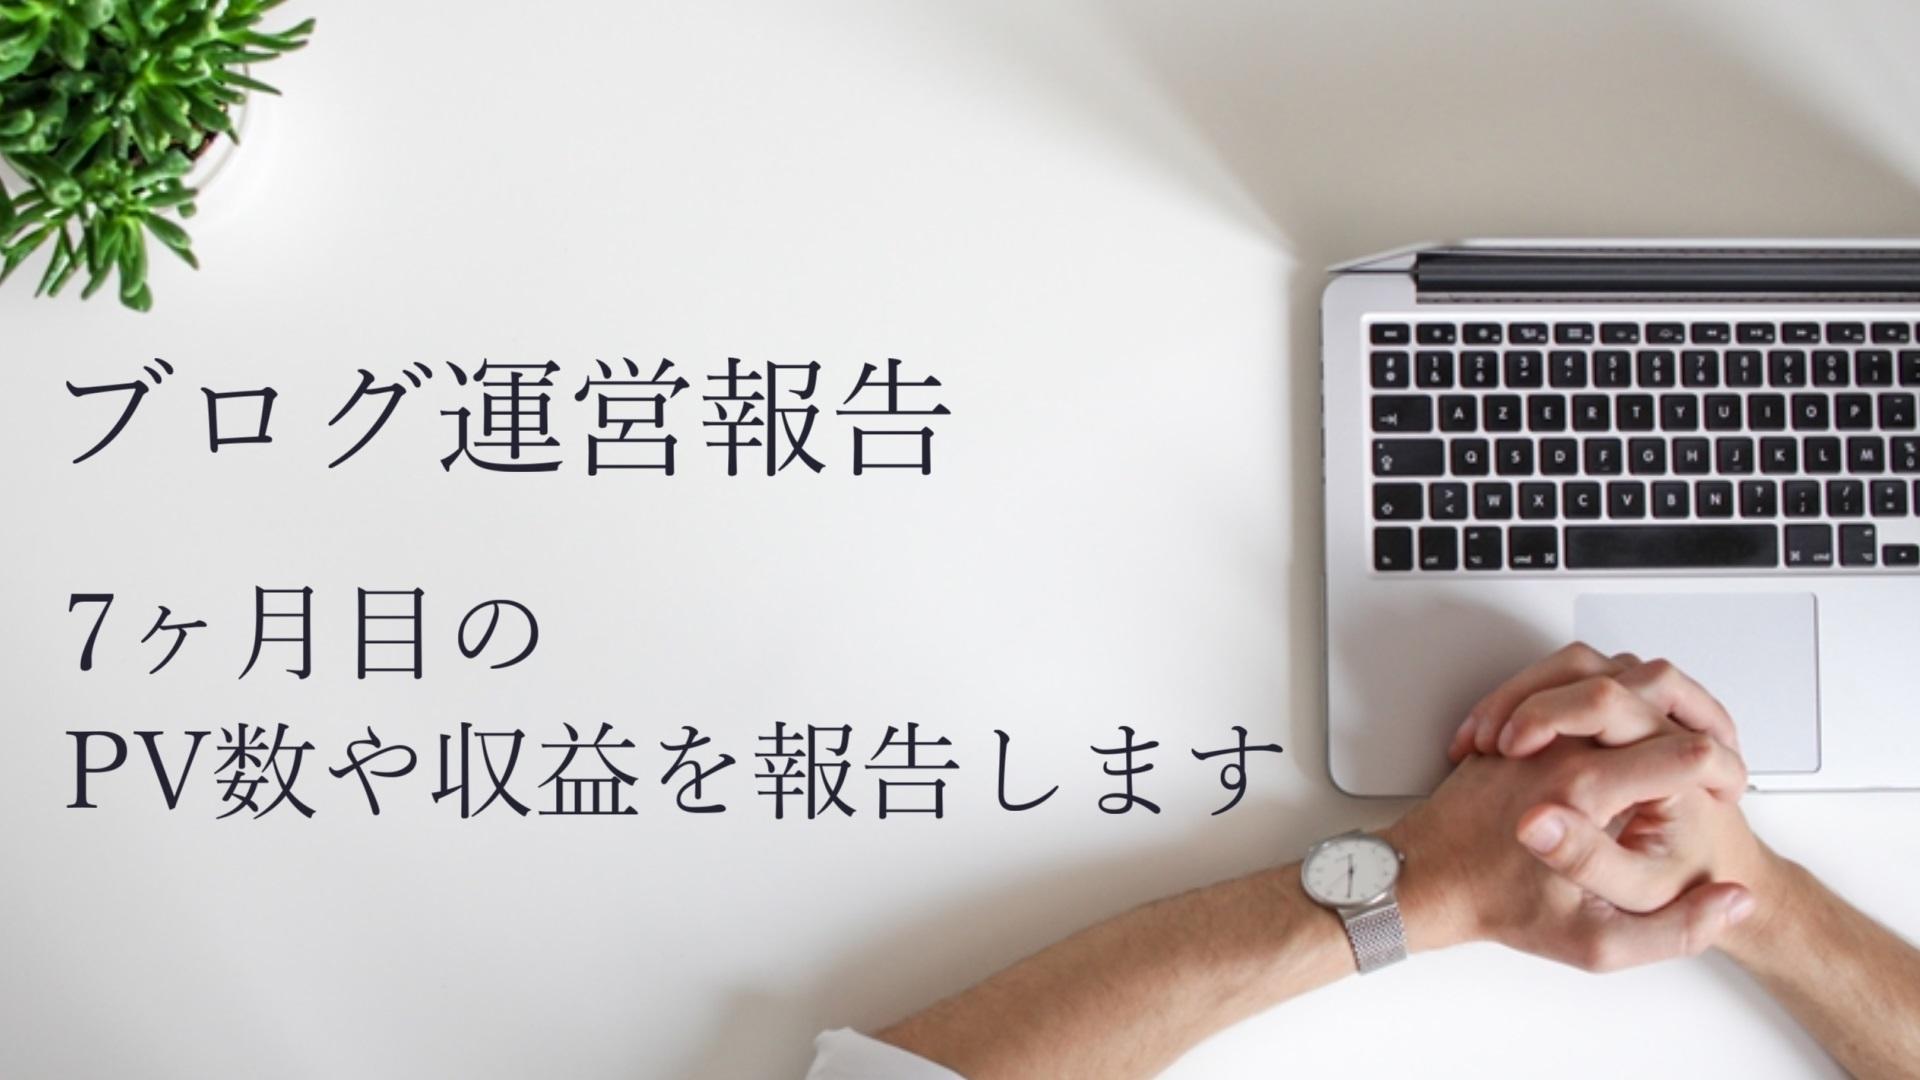 【運営報告】雑記ブログ7ヶ月目のPV数や収益等を公開